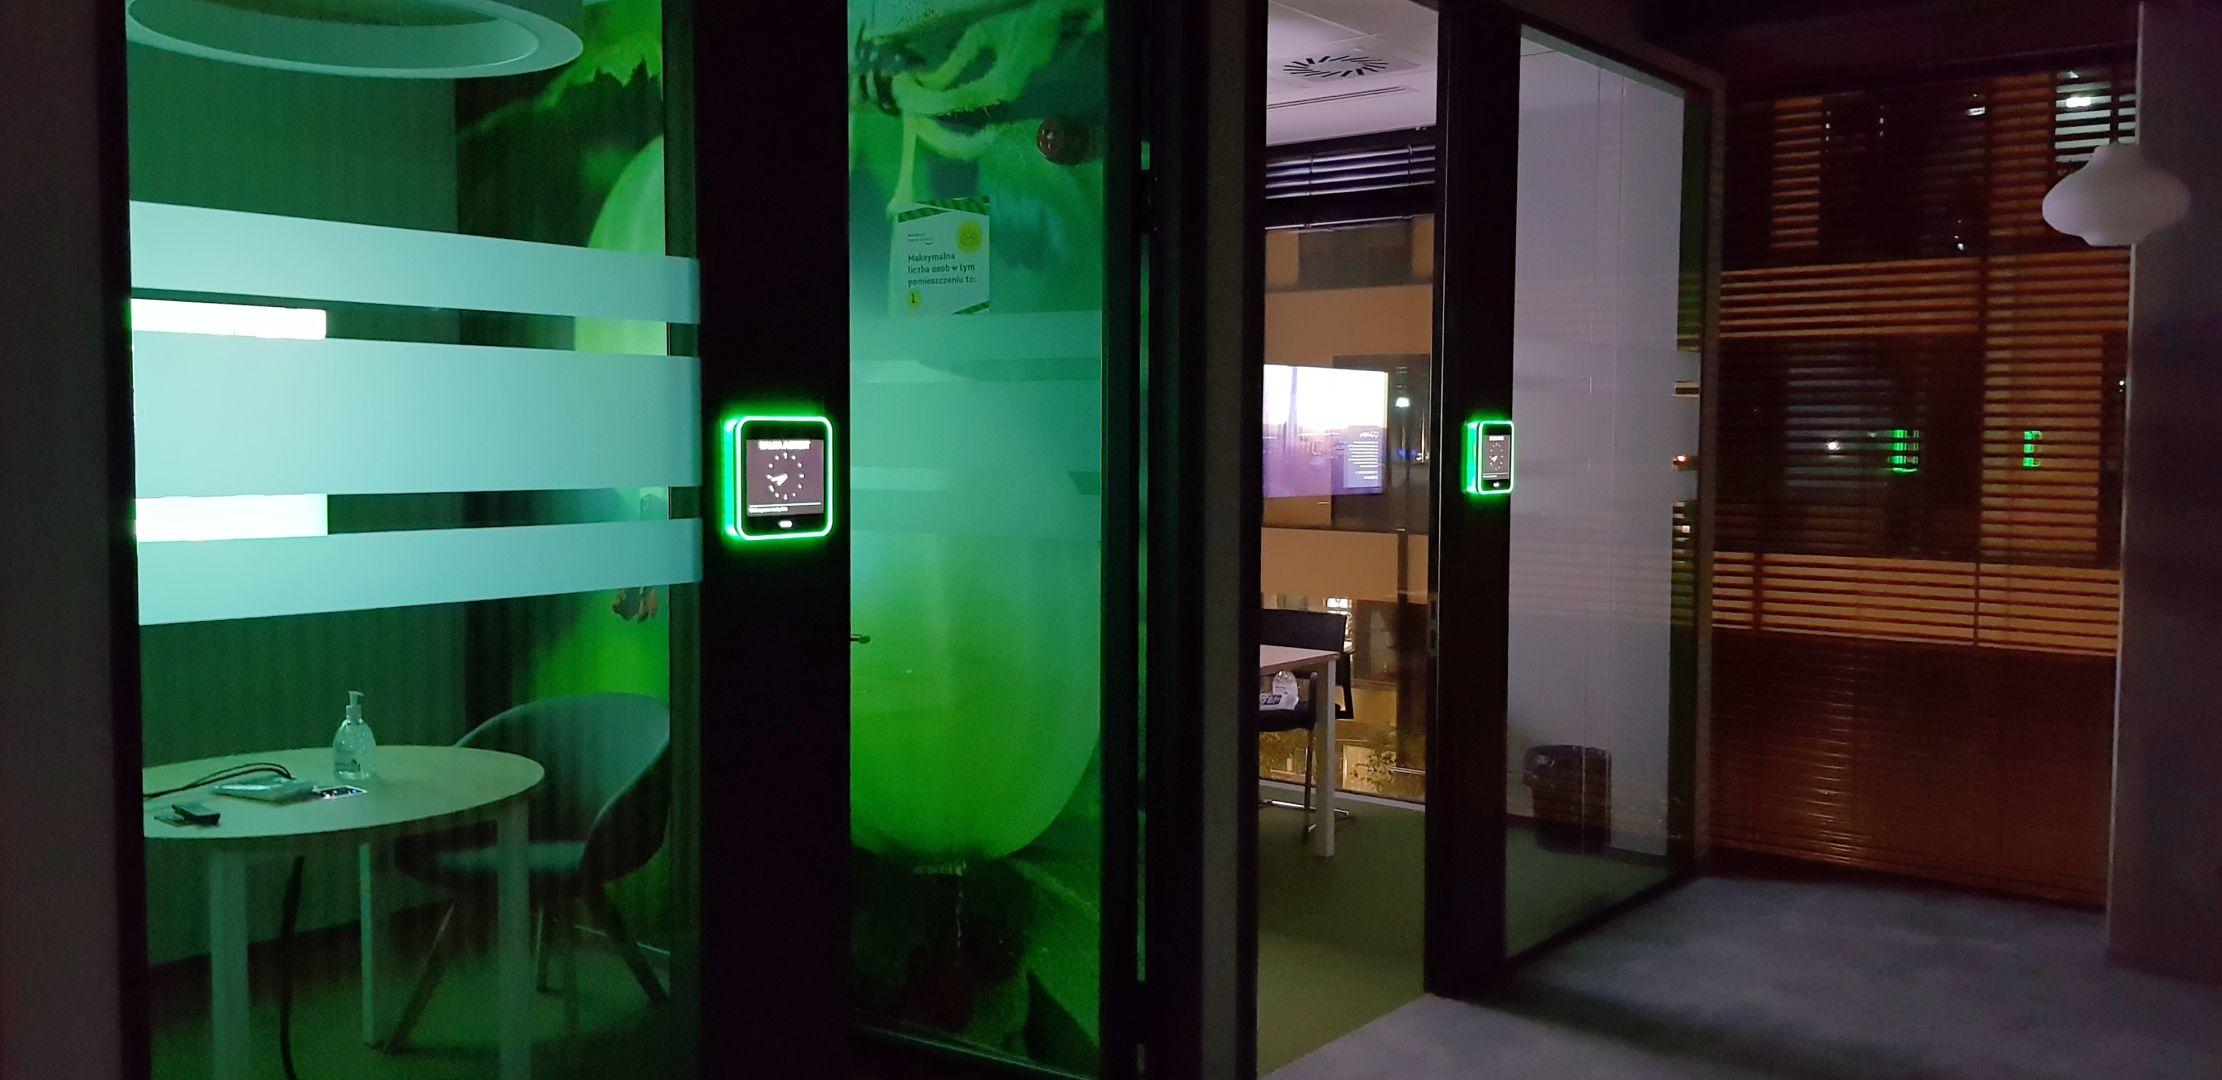 System rezerwacji sal konferencyjnych Evoko Liso w siedzibie Żabki